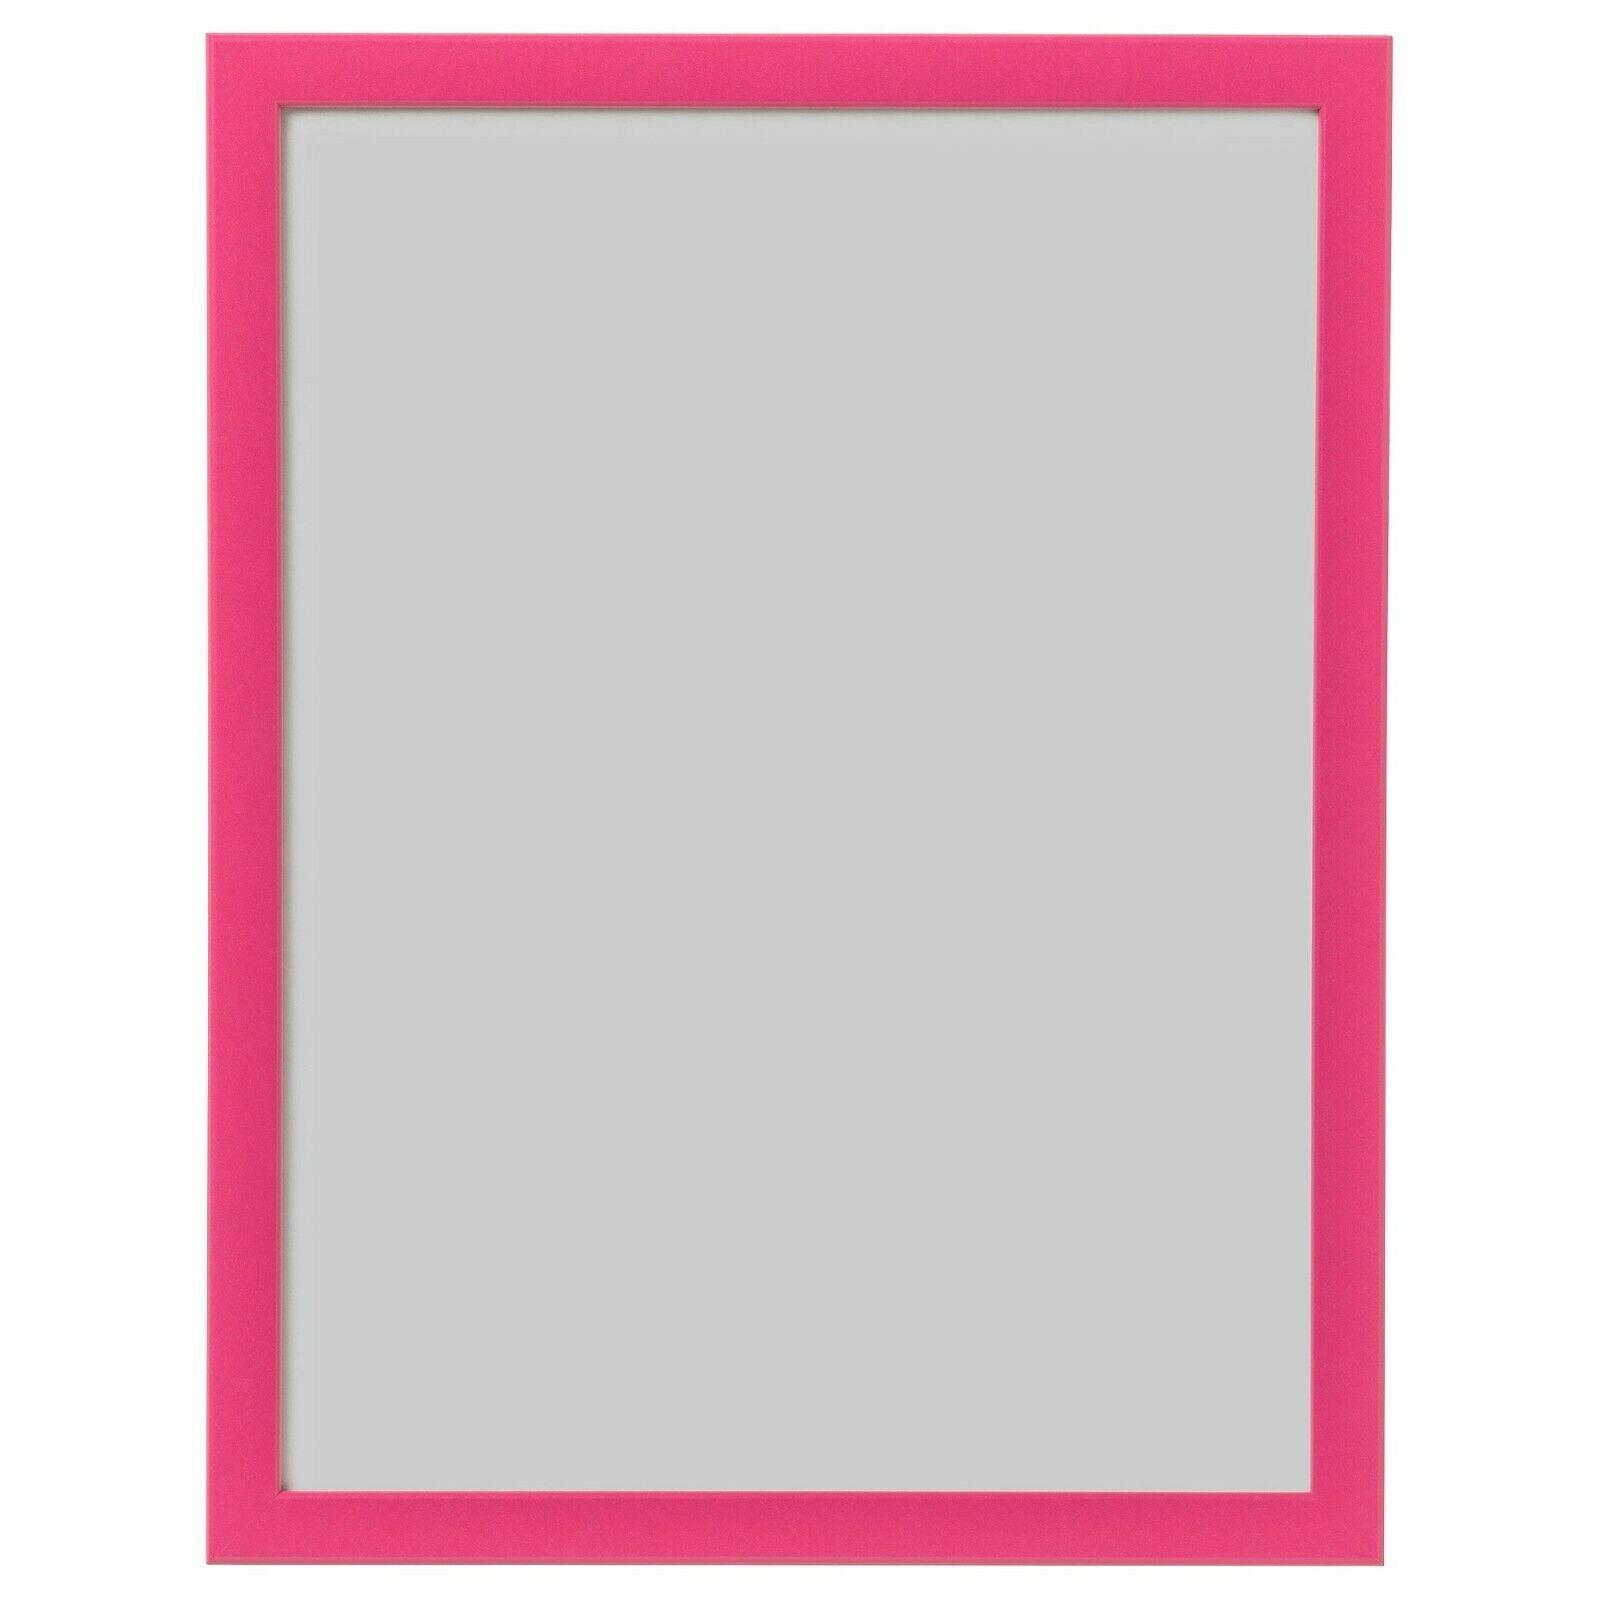 """IKEA Fiskbo 22509 Frame Pink 603.003.93 Size: 12x16"""" New FS!"""